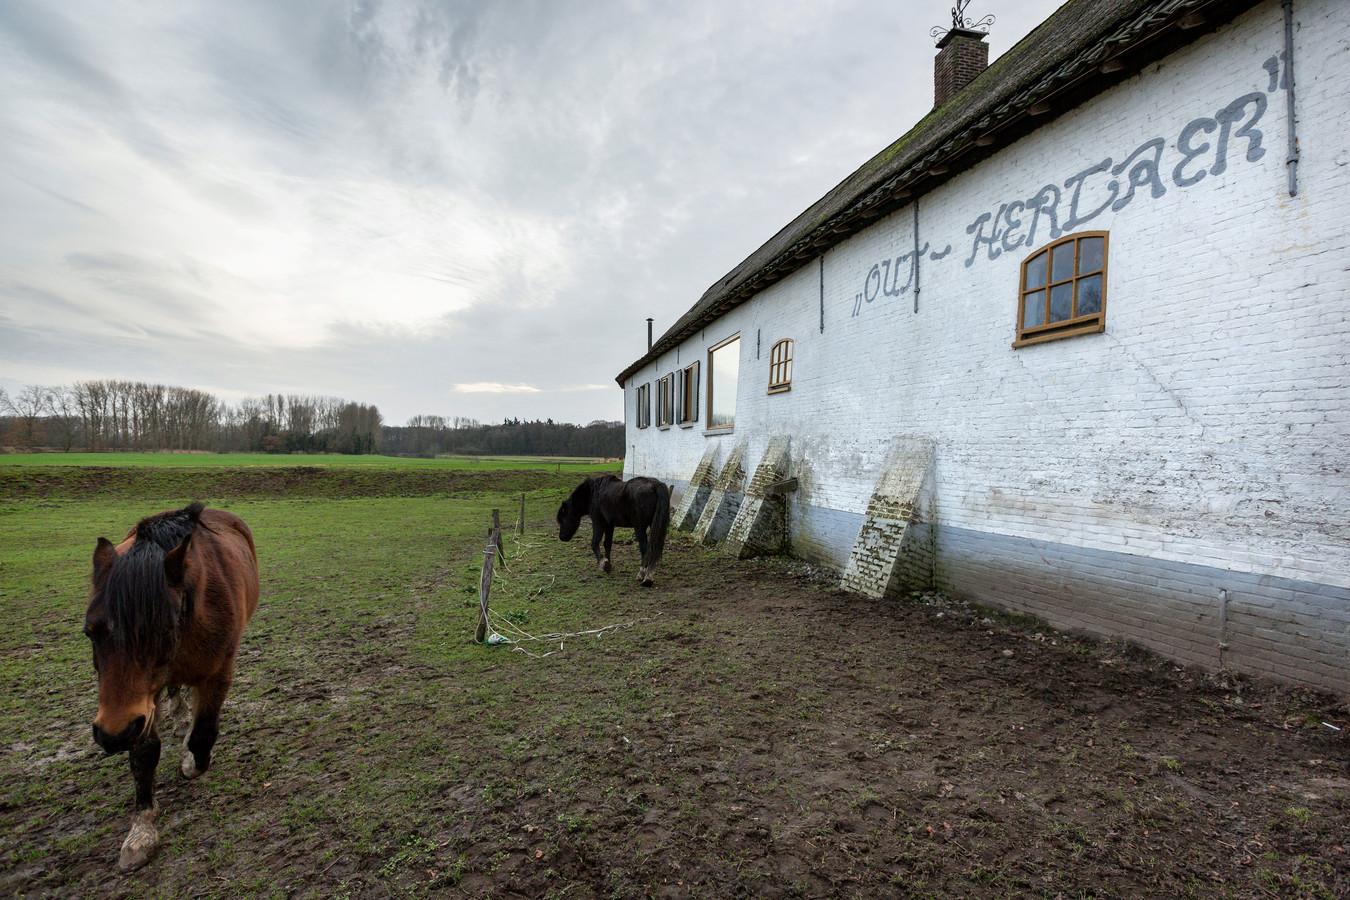 De eeuwenoude boerderij Out-Herlaer in Sint-Michielsgestel wordt onderdeel van Buiten Museum Herlaer.